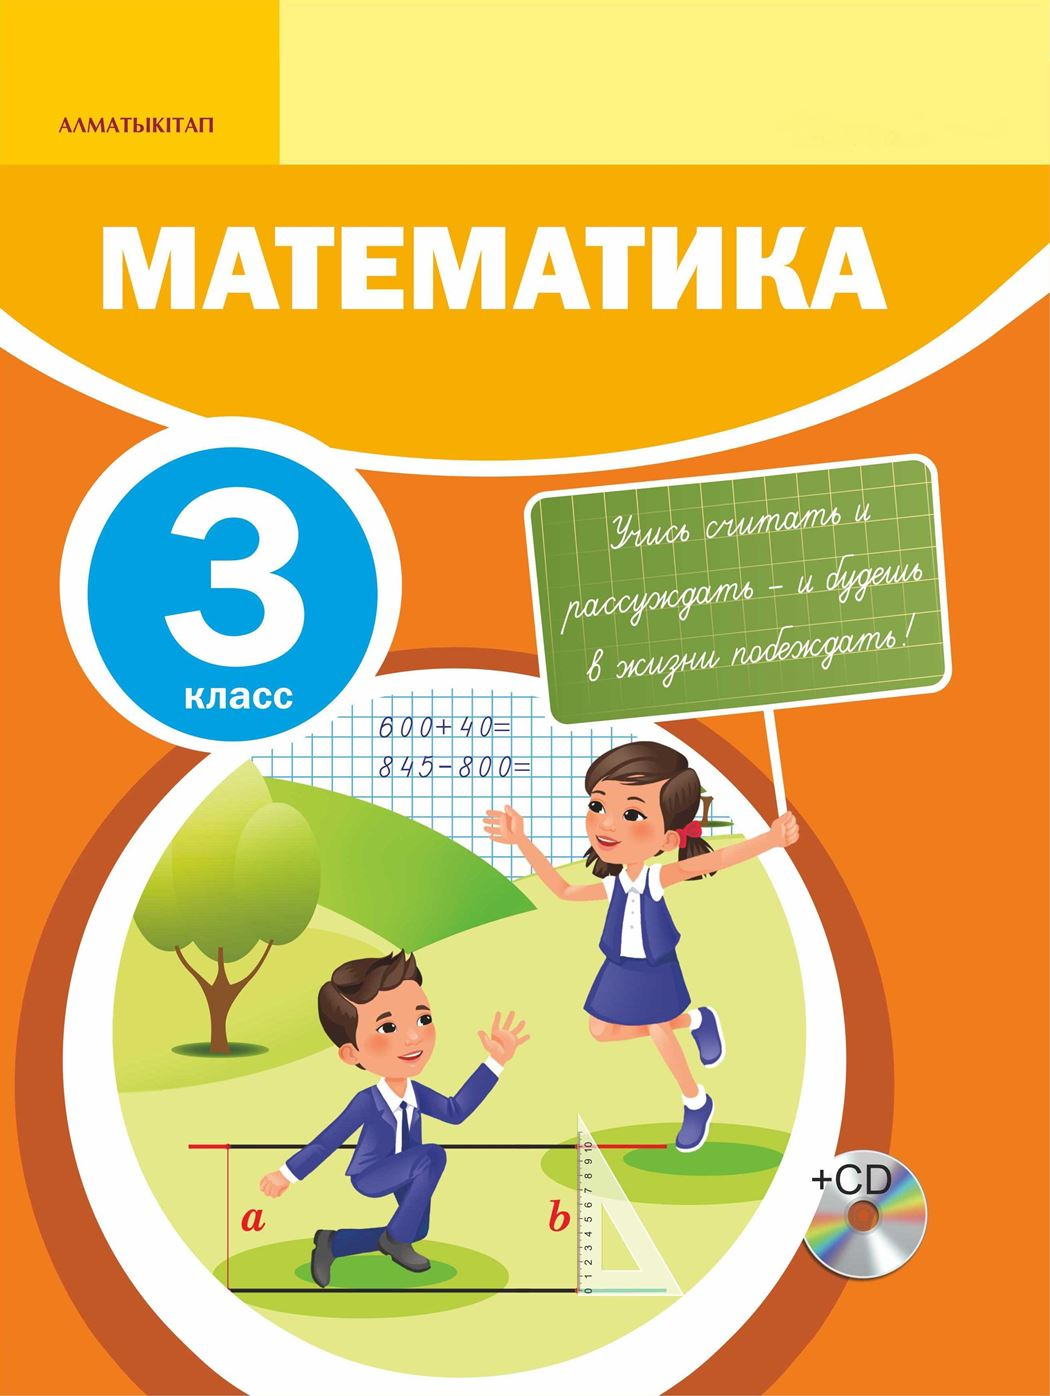 Решить задачу по математике 3 класс атамура решение задач первообразная